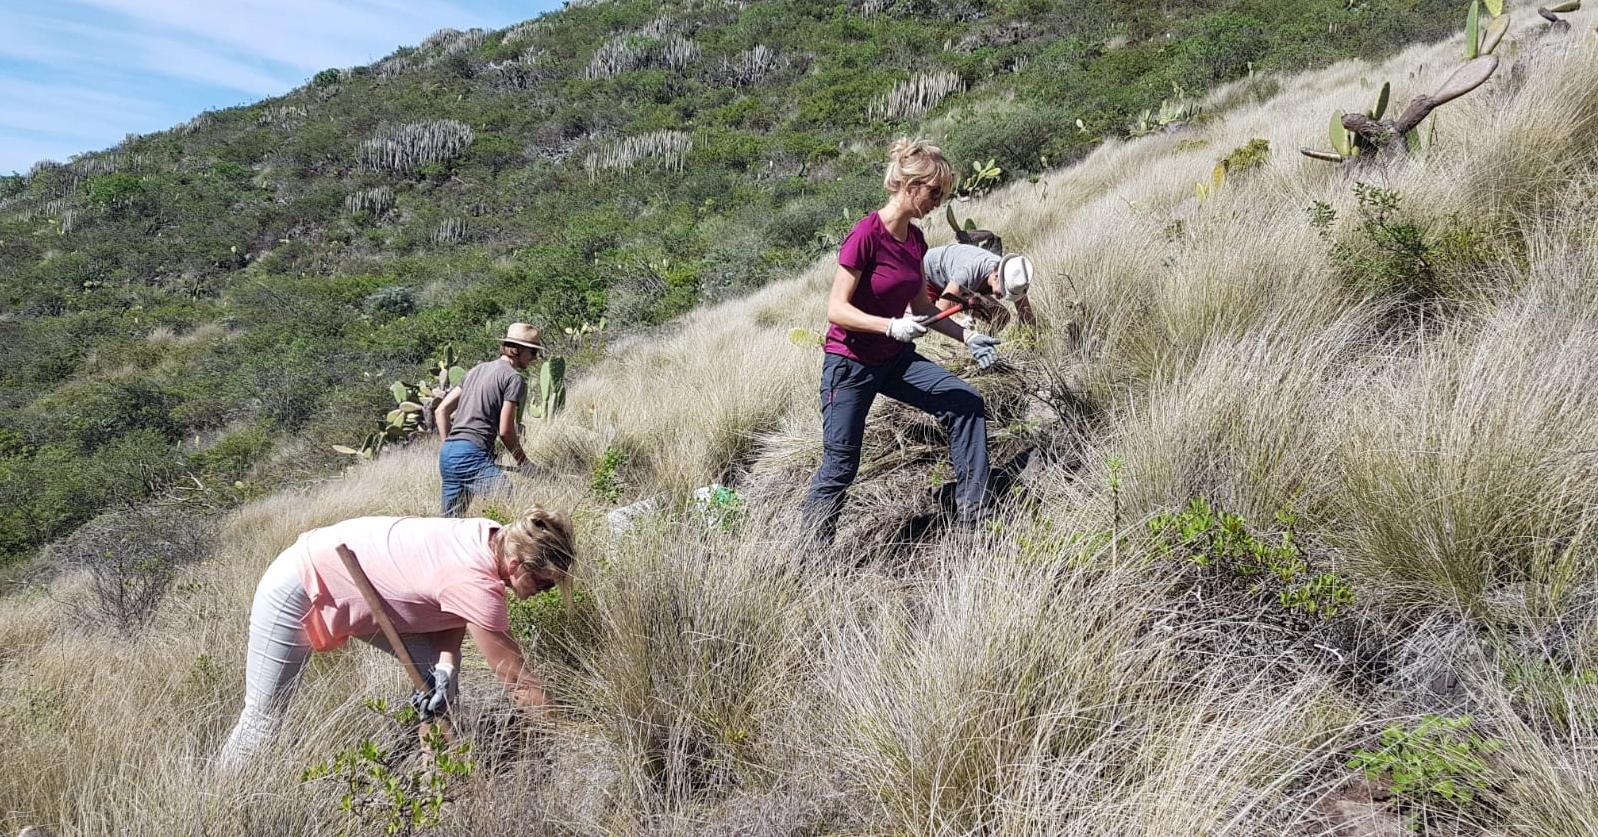 Ehrenamt auf Teneriffa: Im Naturschutz aktiv